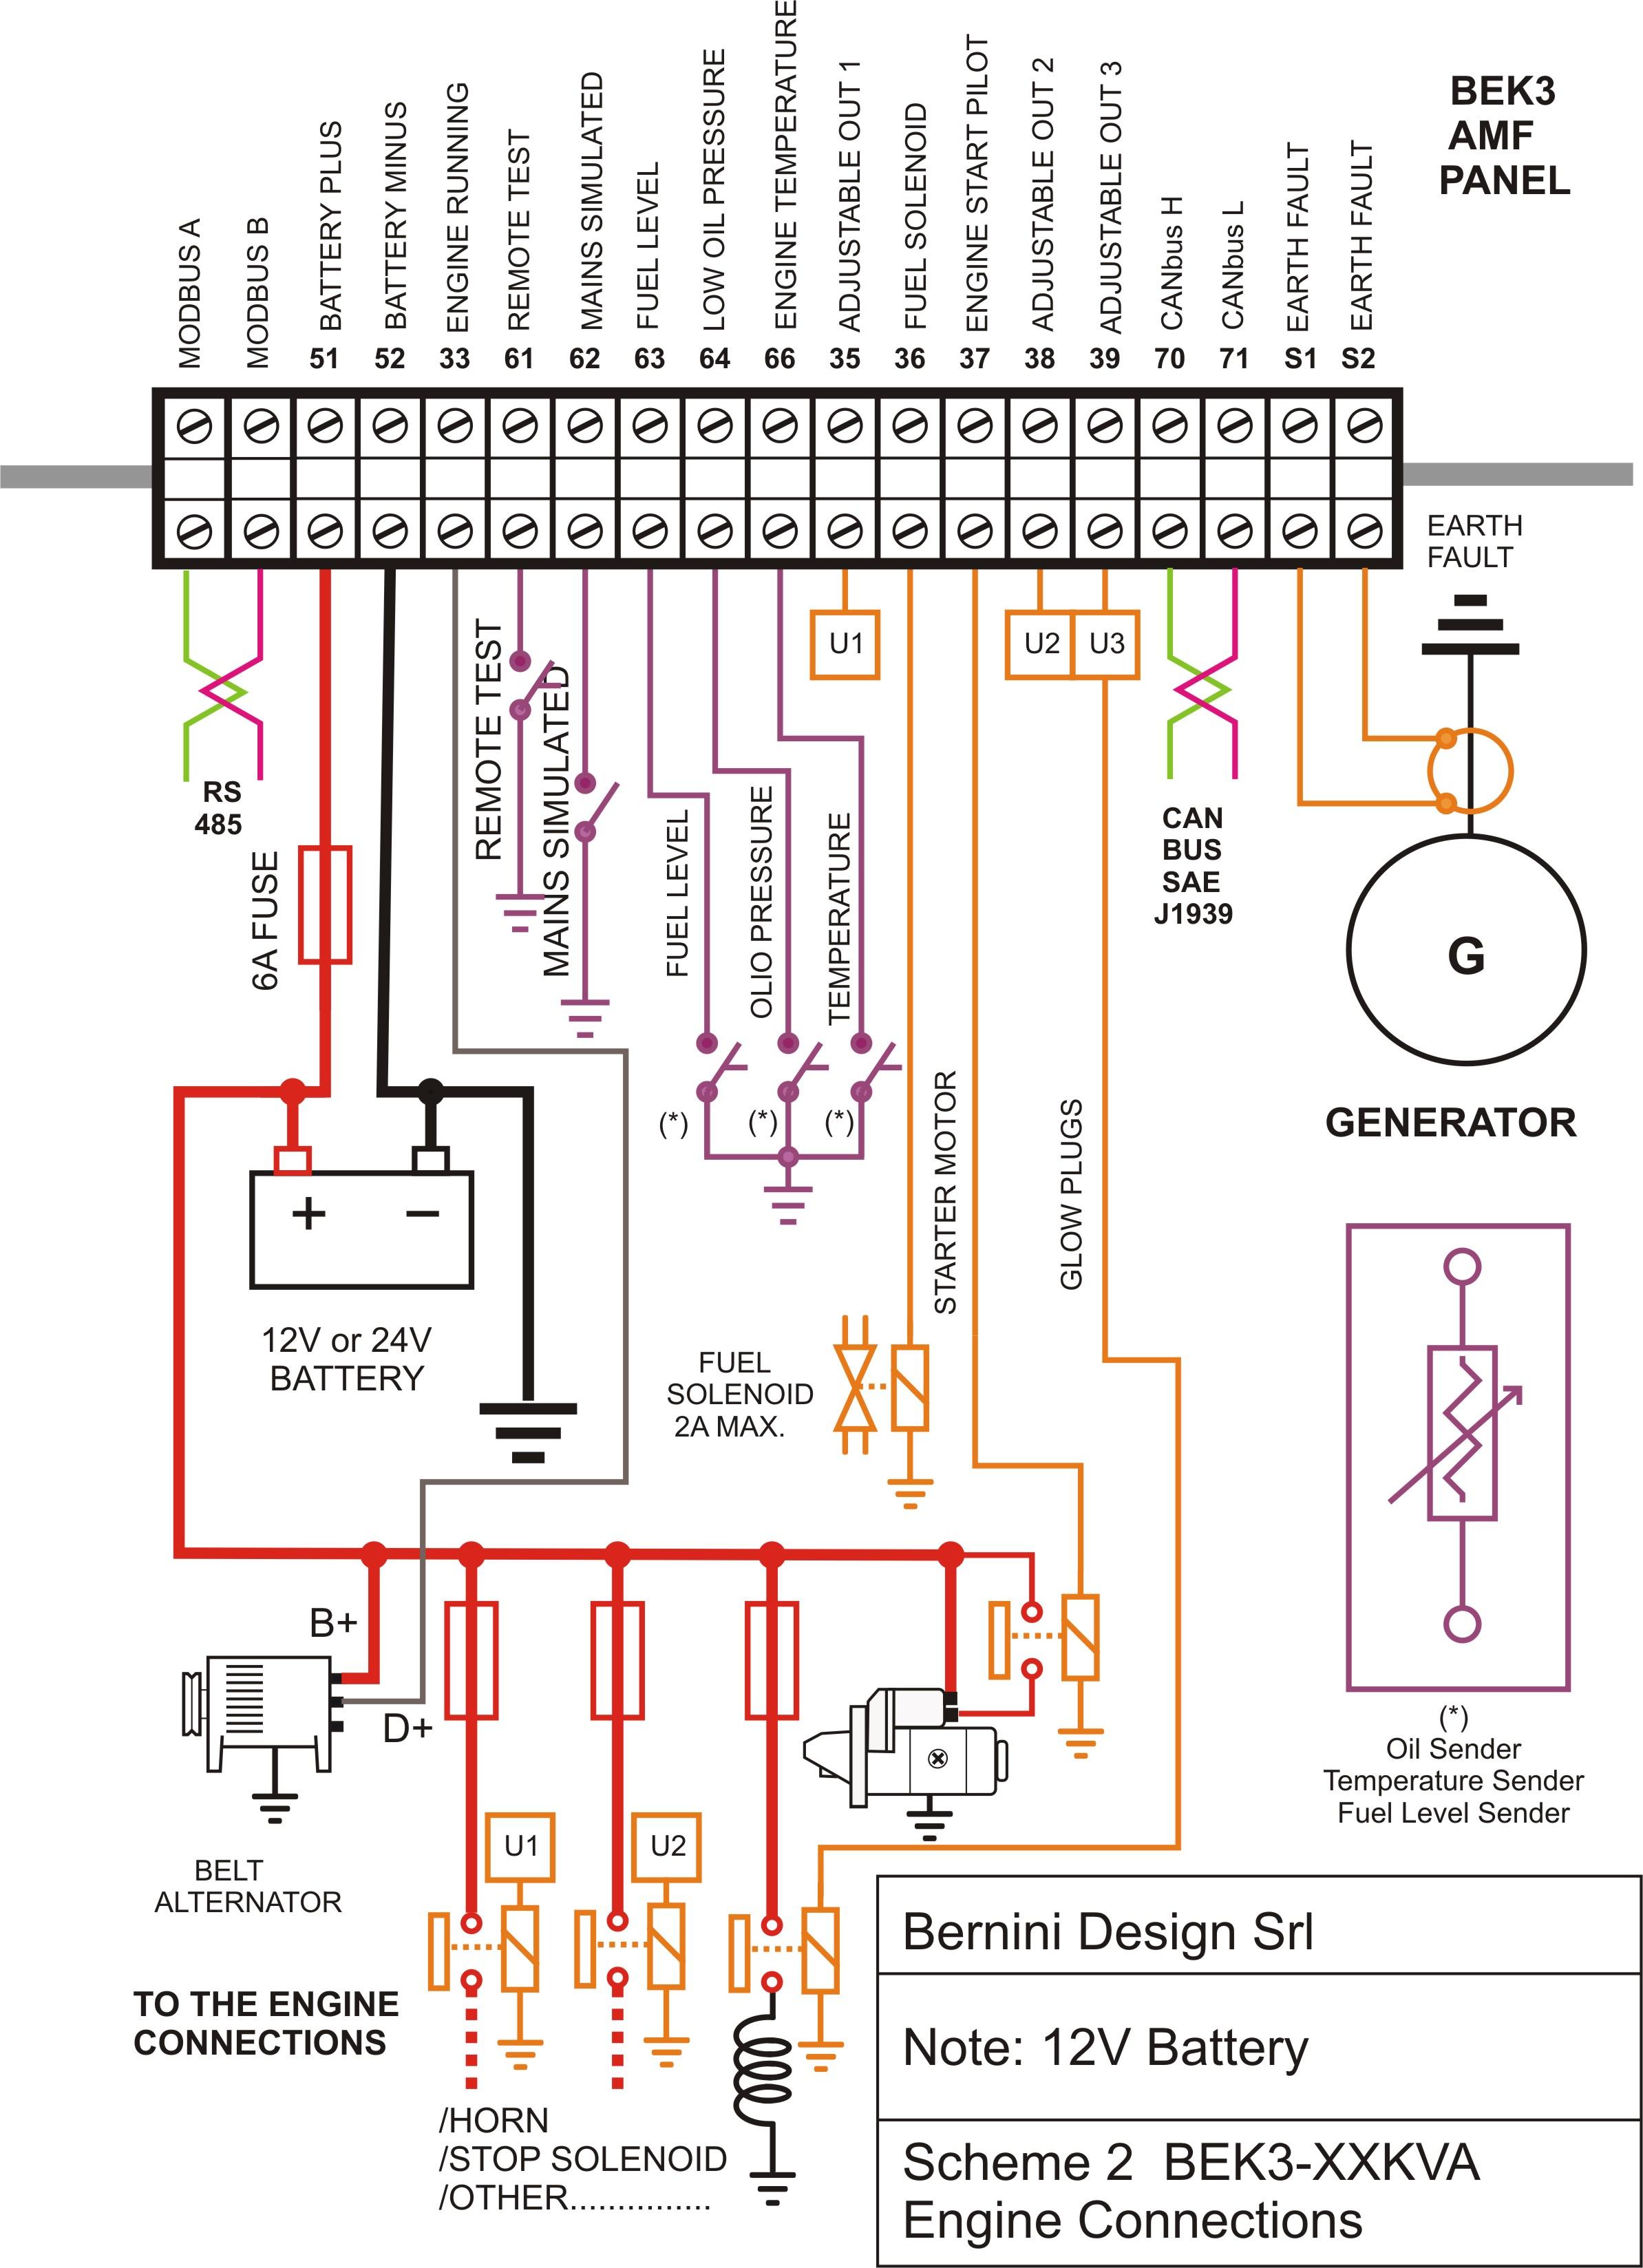 Astonishing Electrical Wiring Diagram Tool Basic Electronics Wiring Diagram Wiring Cloud Animomajobocepmohammedshrineorg